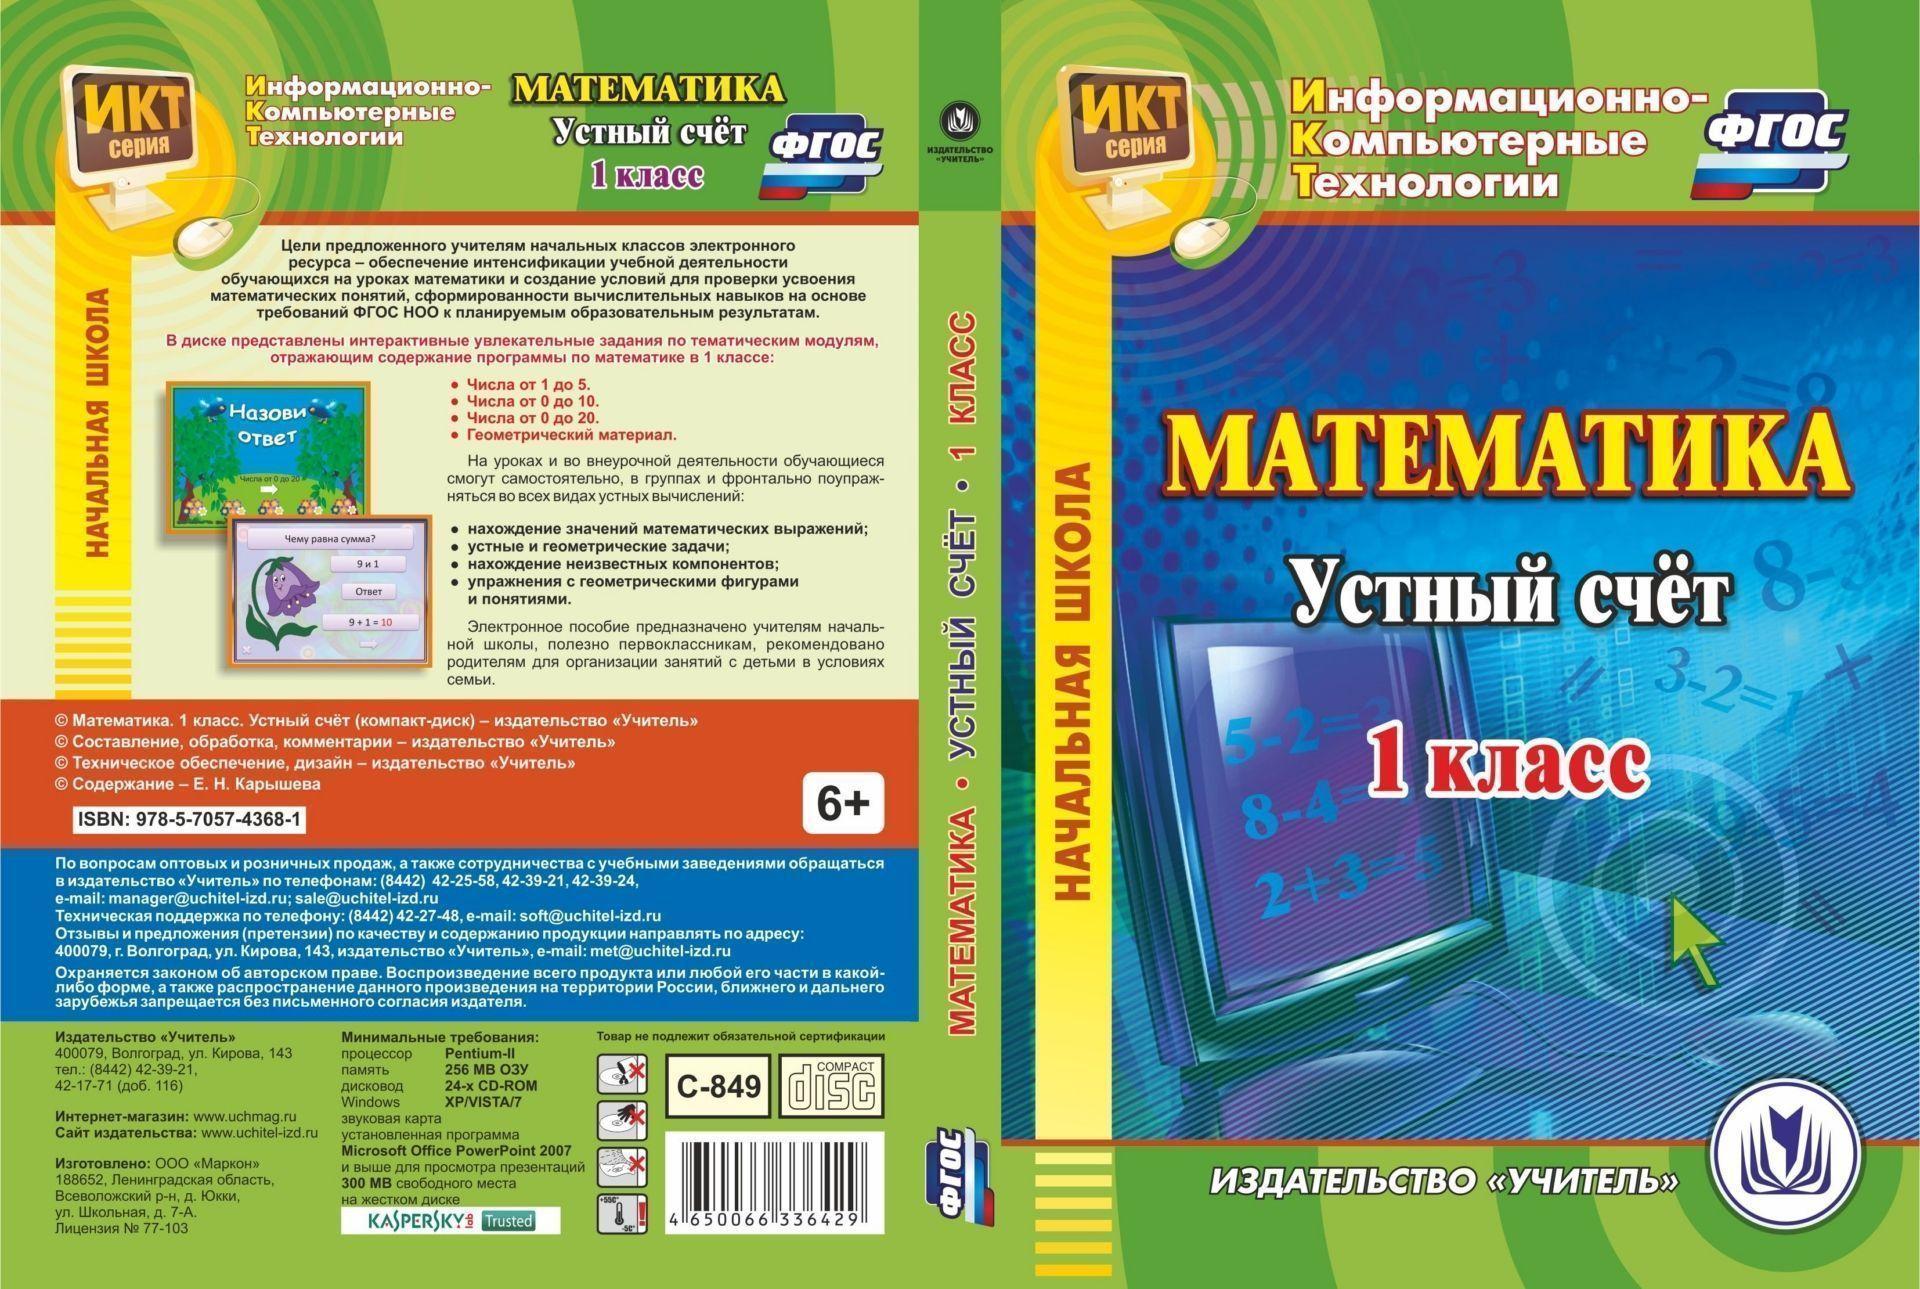 Математика. 1 класс. Устный счет. Компакт-диск для компьютера